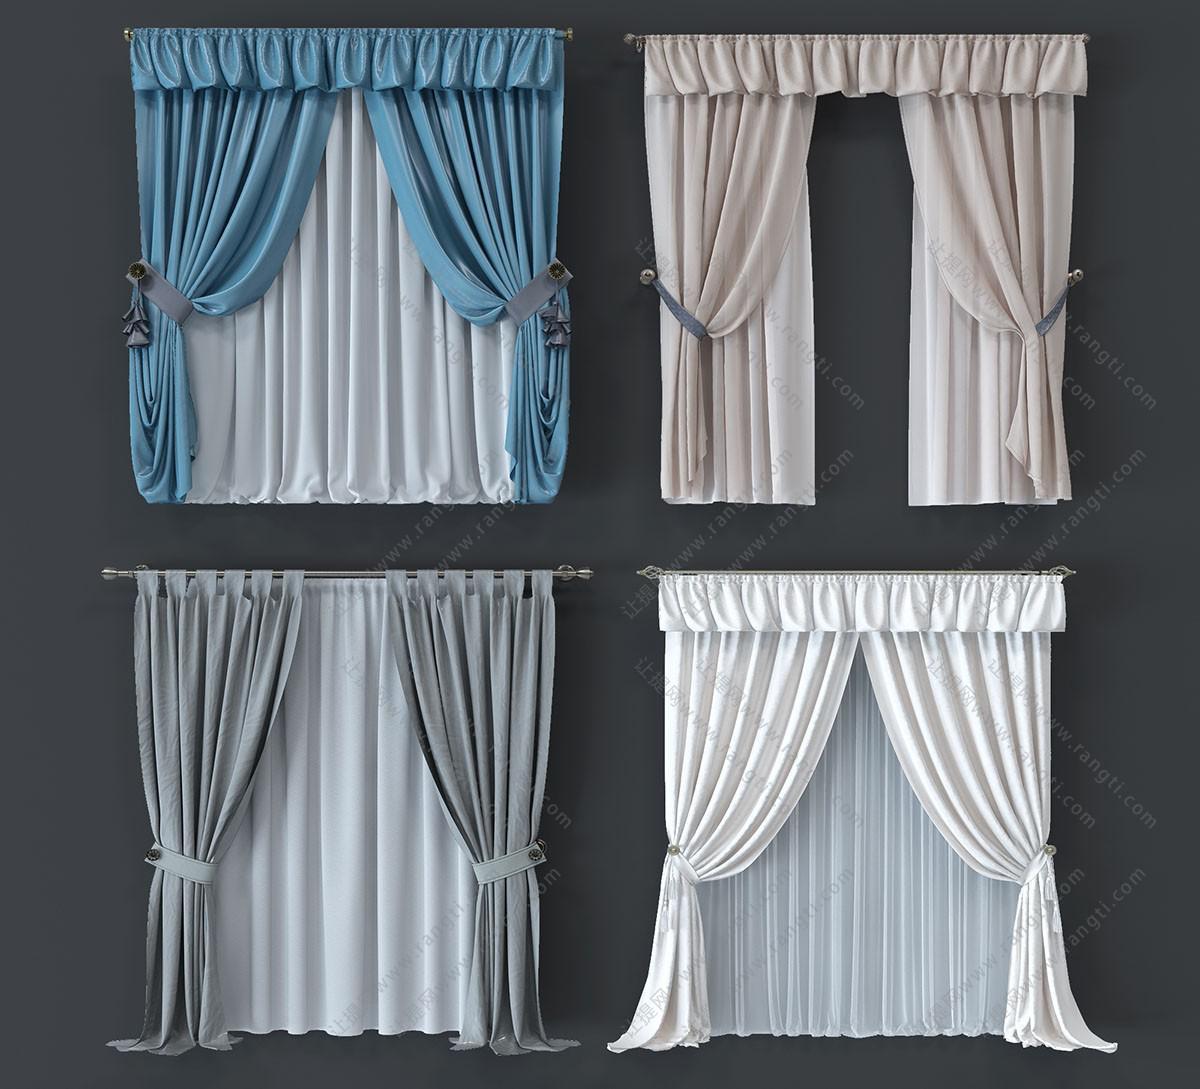 简欧纯色布艺窗帘、窗帘杆3D模型